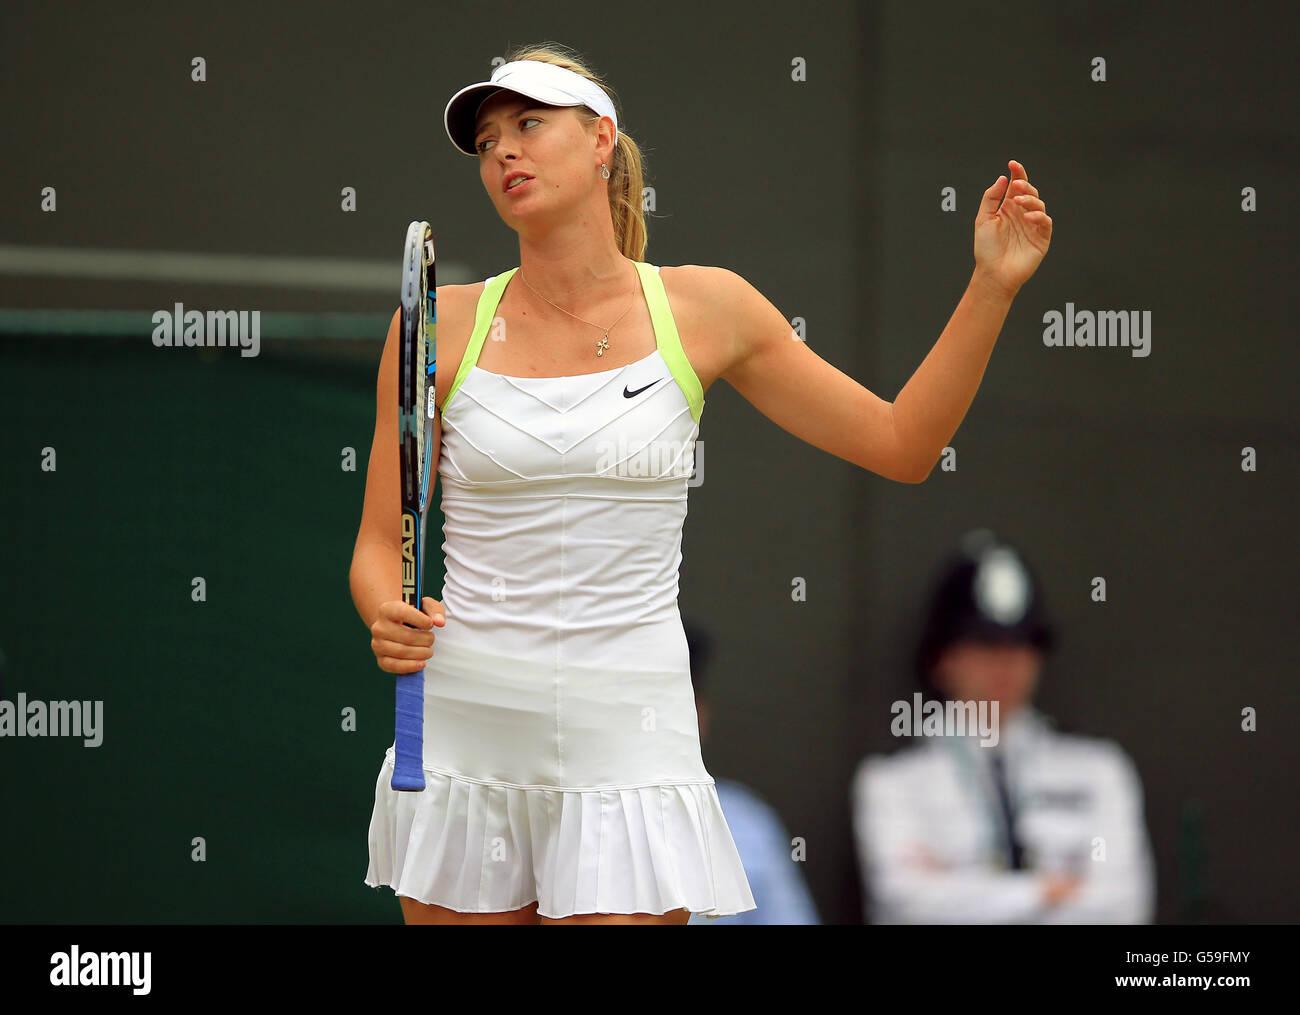 TENNIS CLUBIC 2012 TÉLÉCHARGER ELBOW